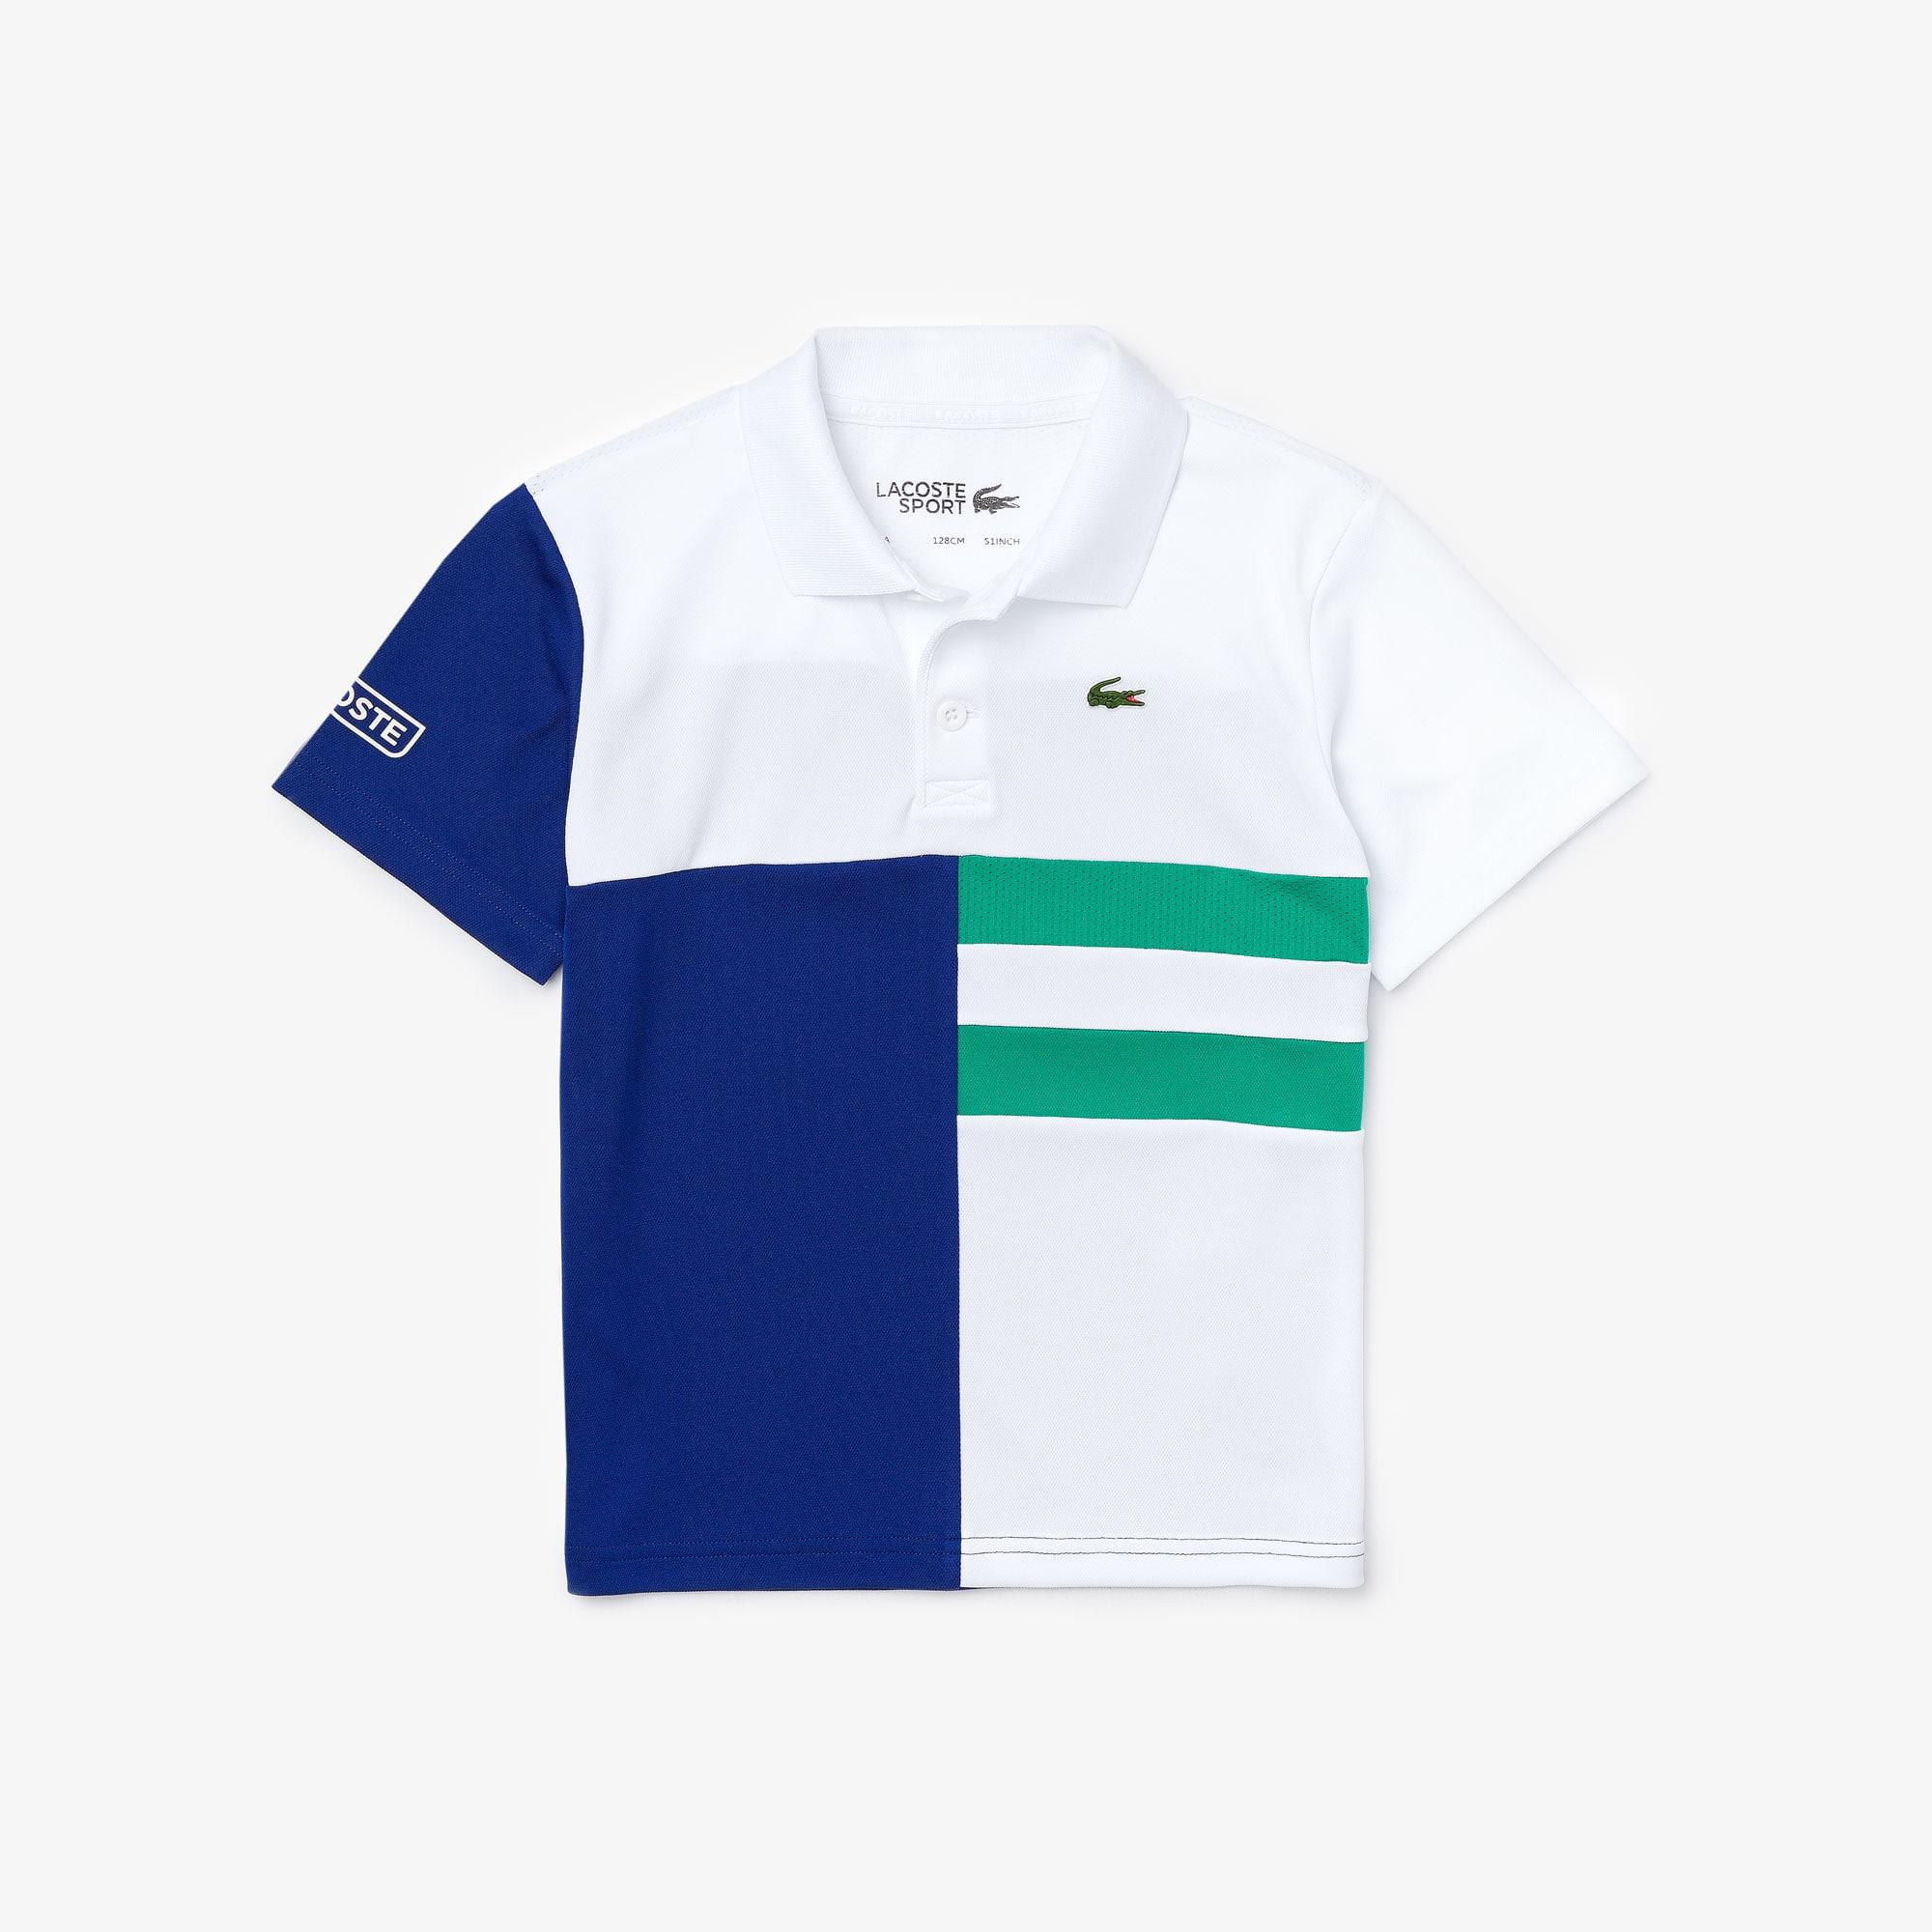 Boys 라코스테 Lacoste SPORT Colourblock Breathable Pique Tennis Polo Shirt,White / Blue / Green / White • HBF